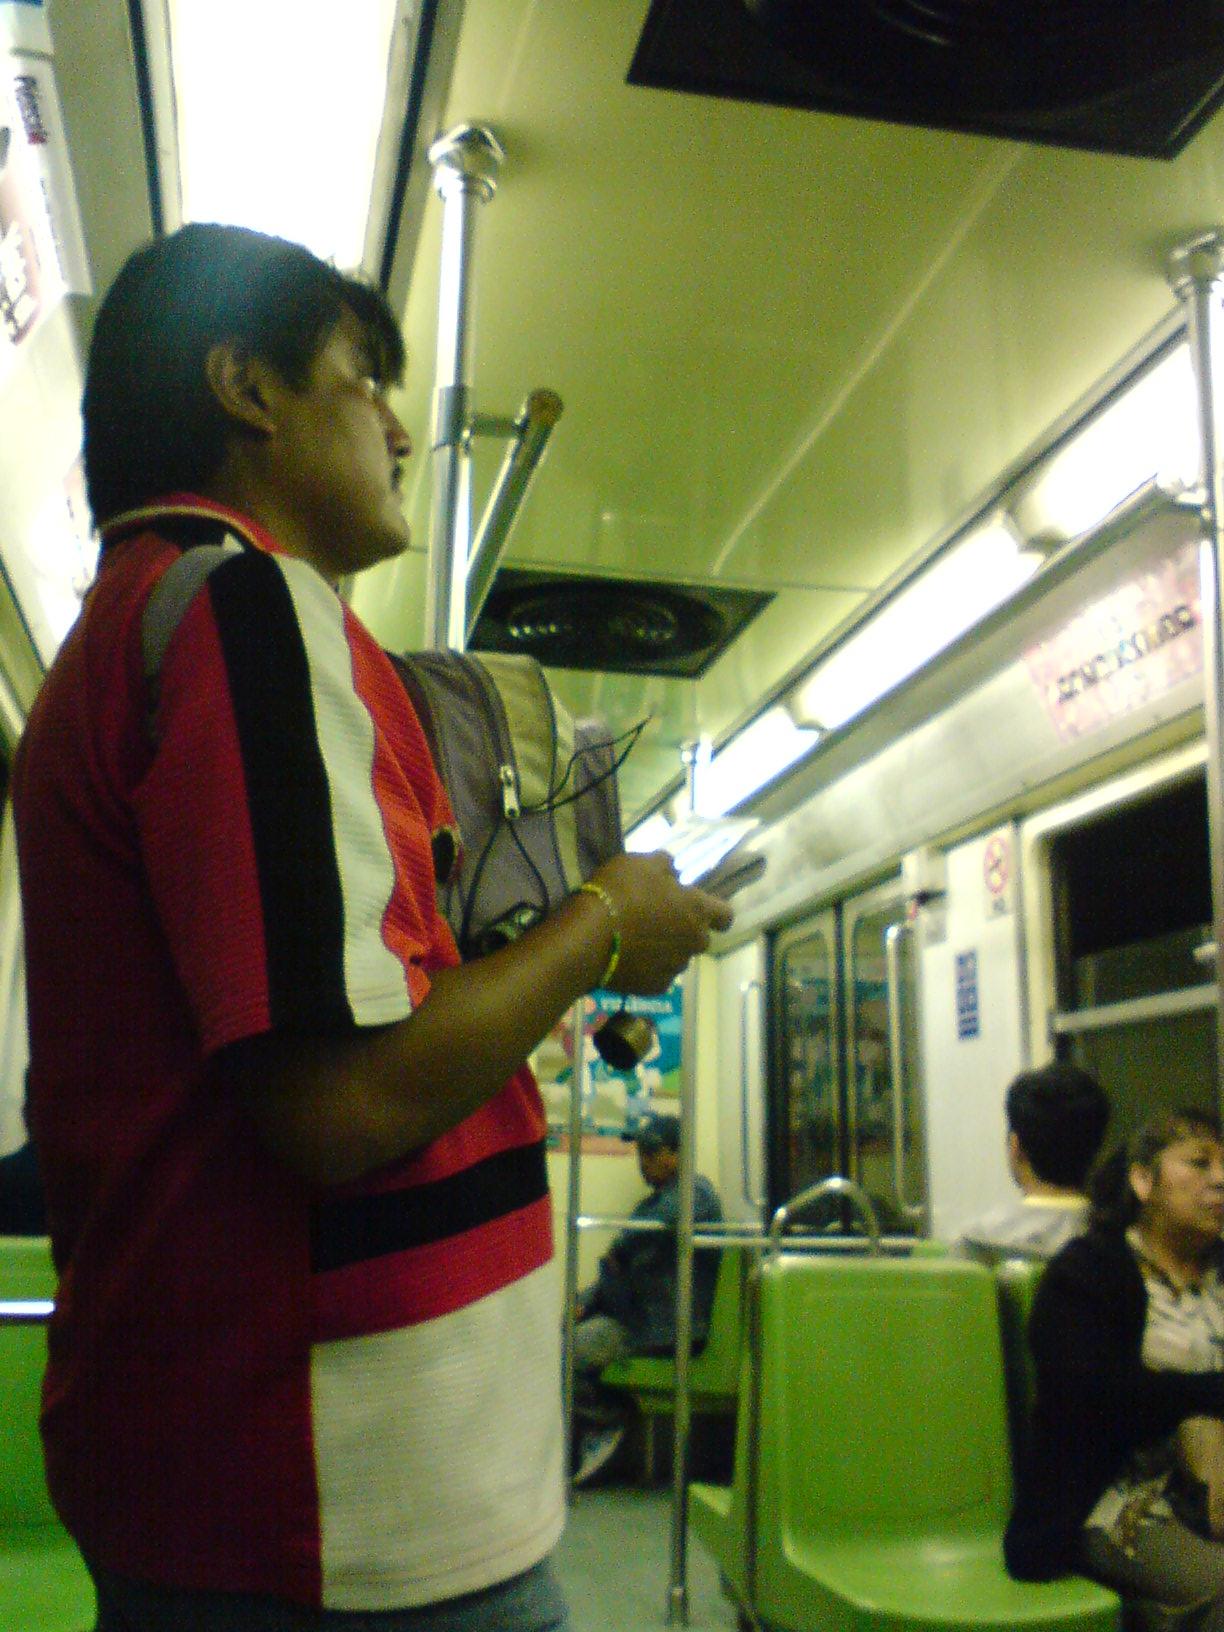 Vendedor de CD's en la linea 9 del M